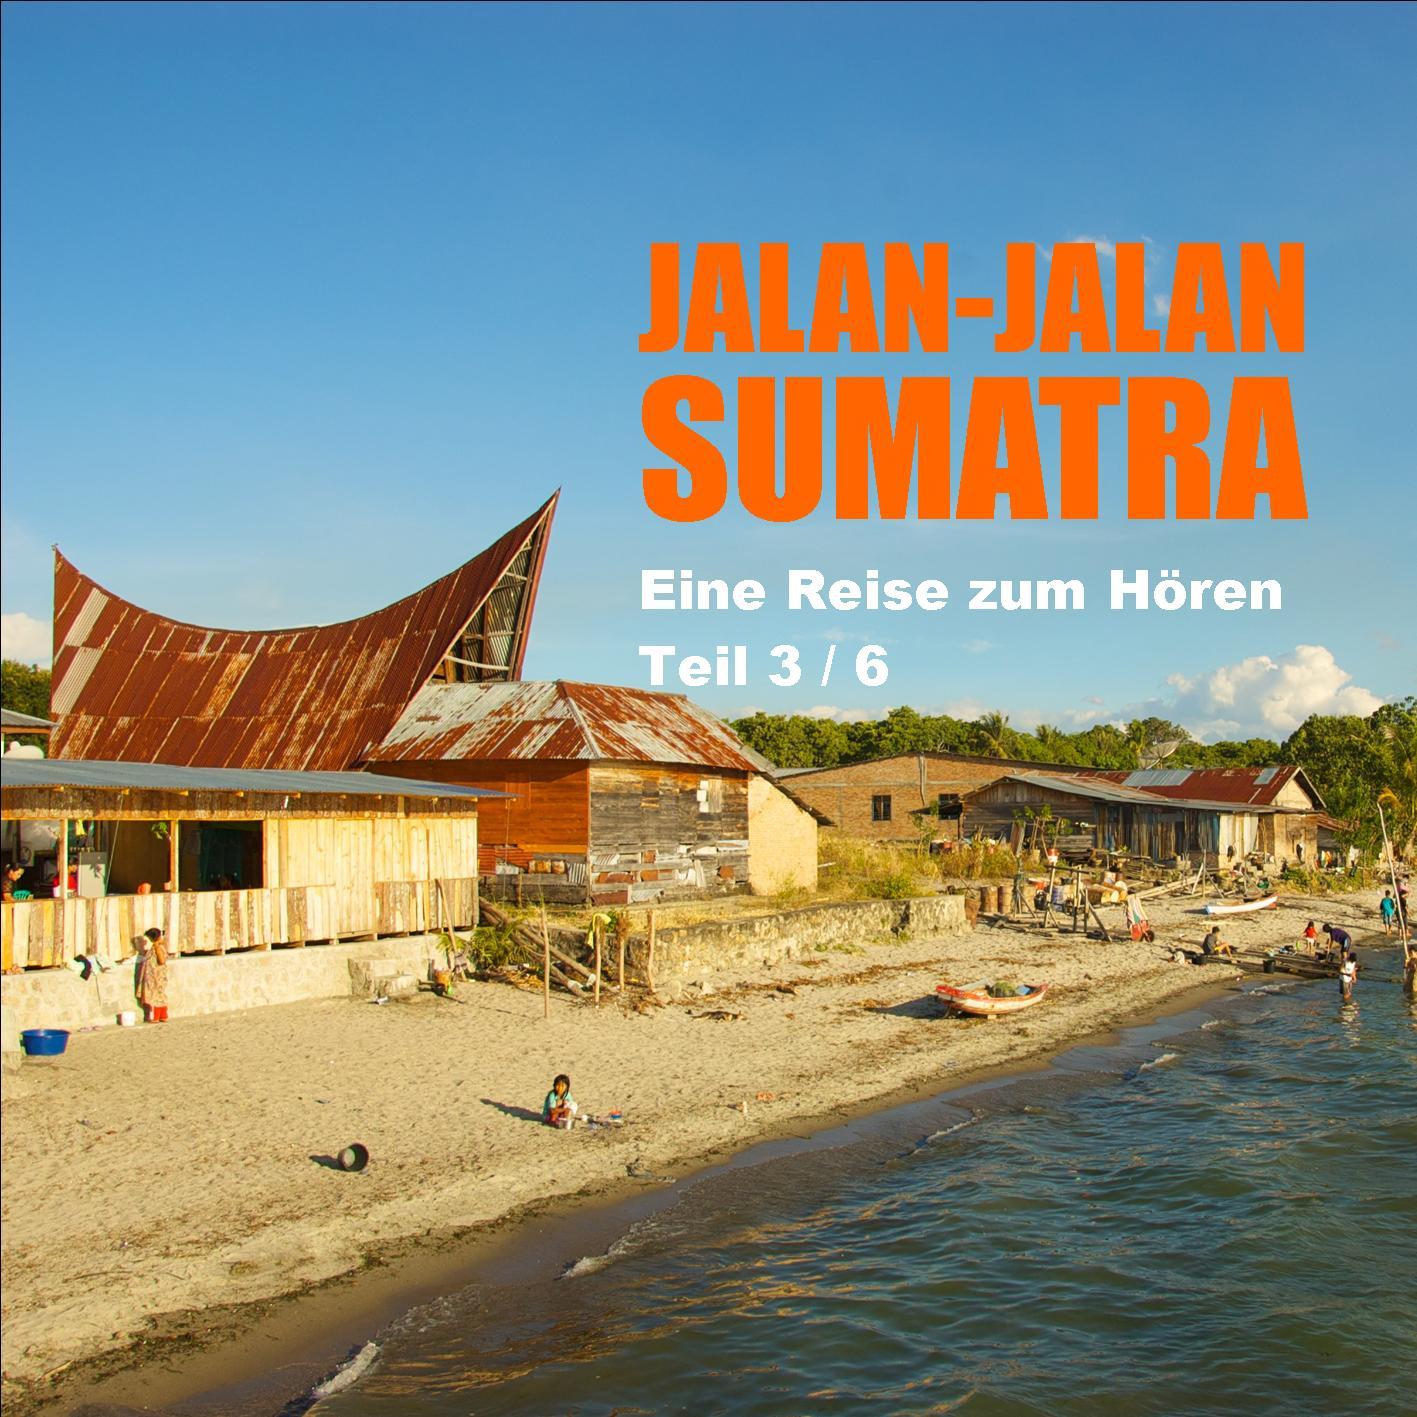 Jalan-jalan Sumatra Teil3